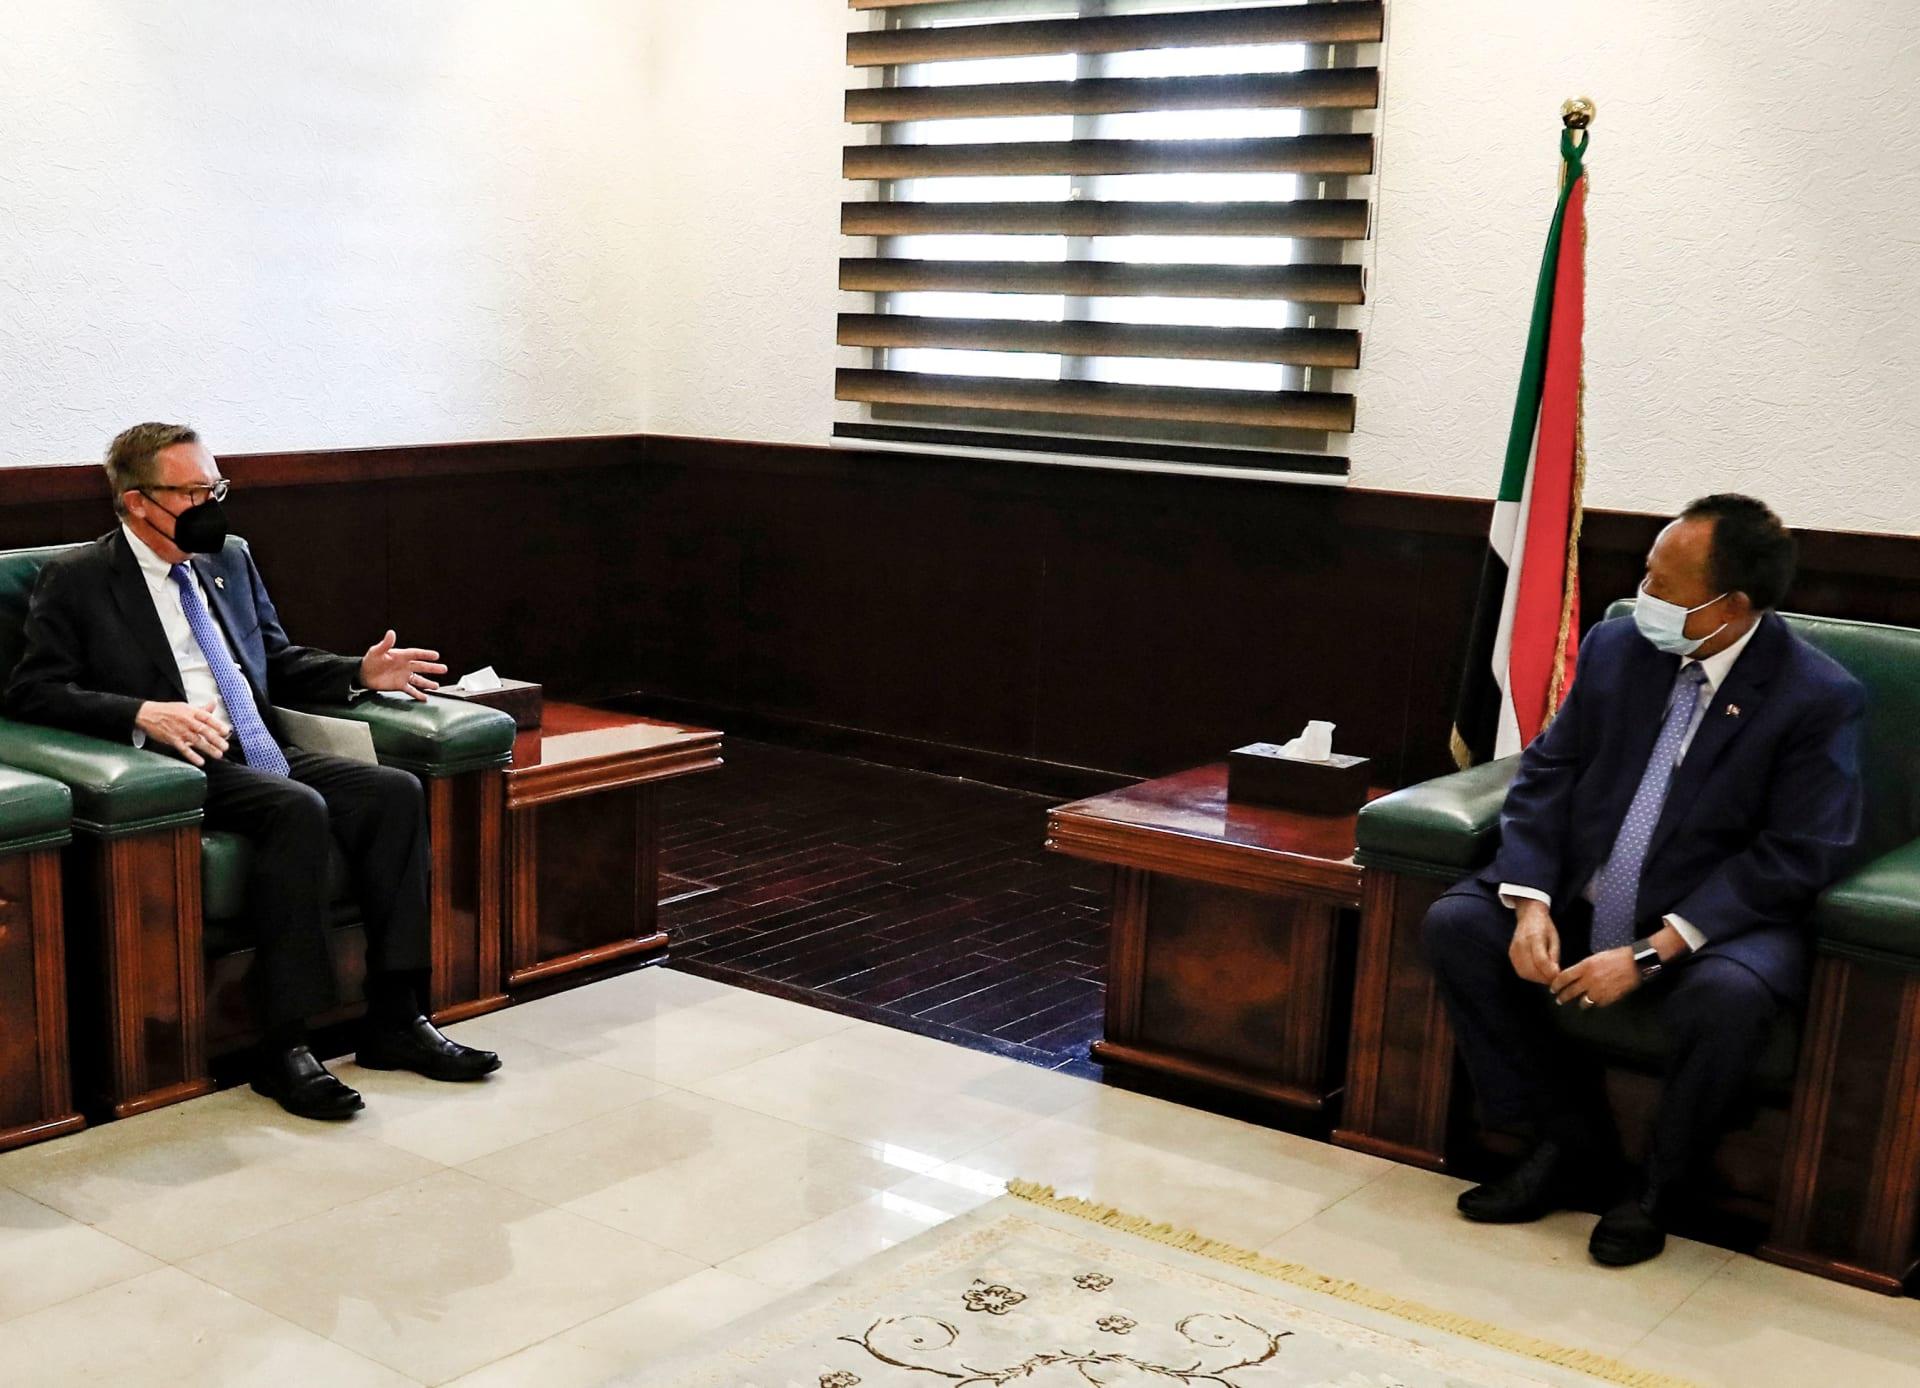 رئيس الوزراء السوداني عبد الله حمدوك (يمين) يلتقي بالمبعوث الأمريكي الخاص للقرن الأفريقي جيفري فيلتمان في العاصمة الخرطوم - 29 سبتمبر 2021